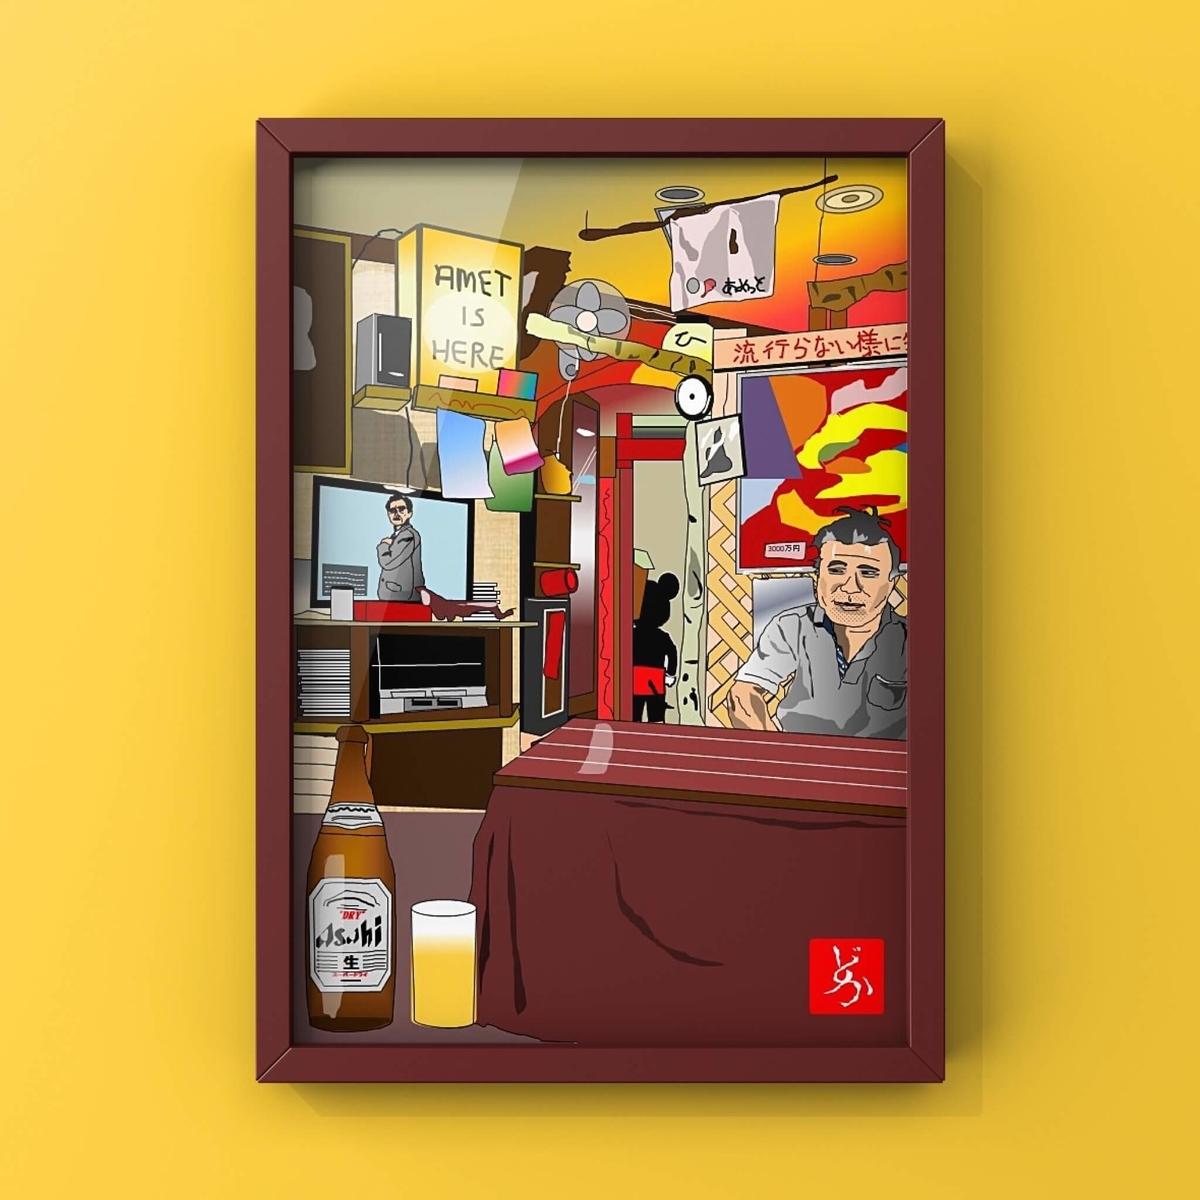 六本木の昭和食堂「Amet(アメット)」のエクセル画イラスト額装版